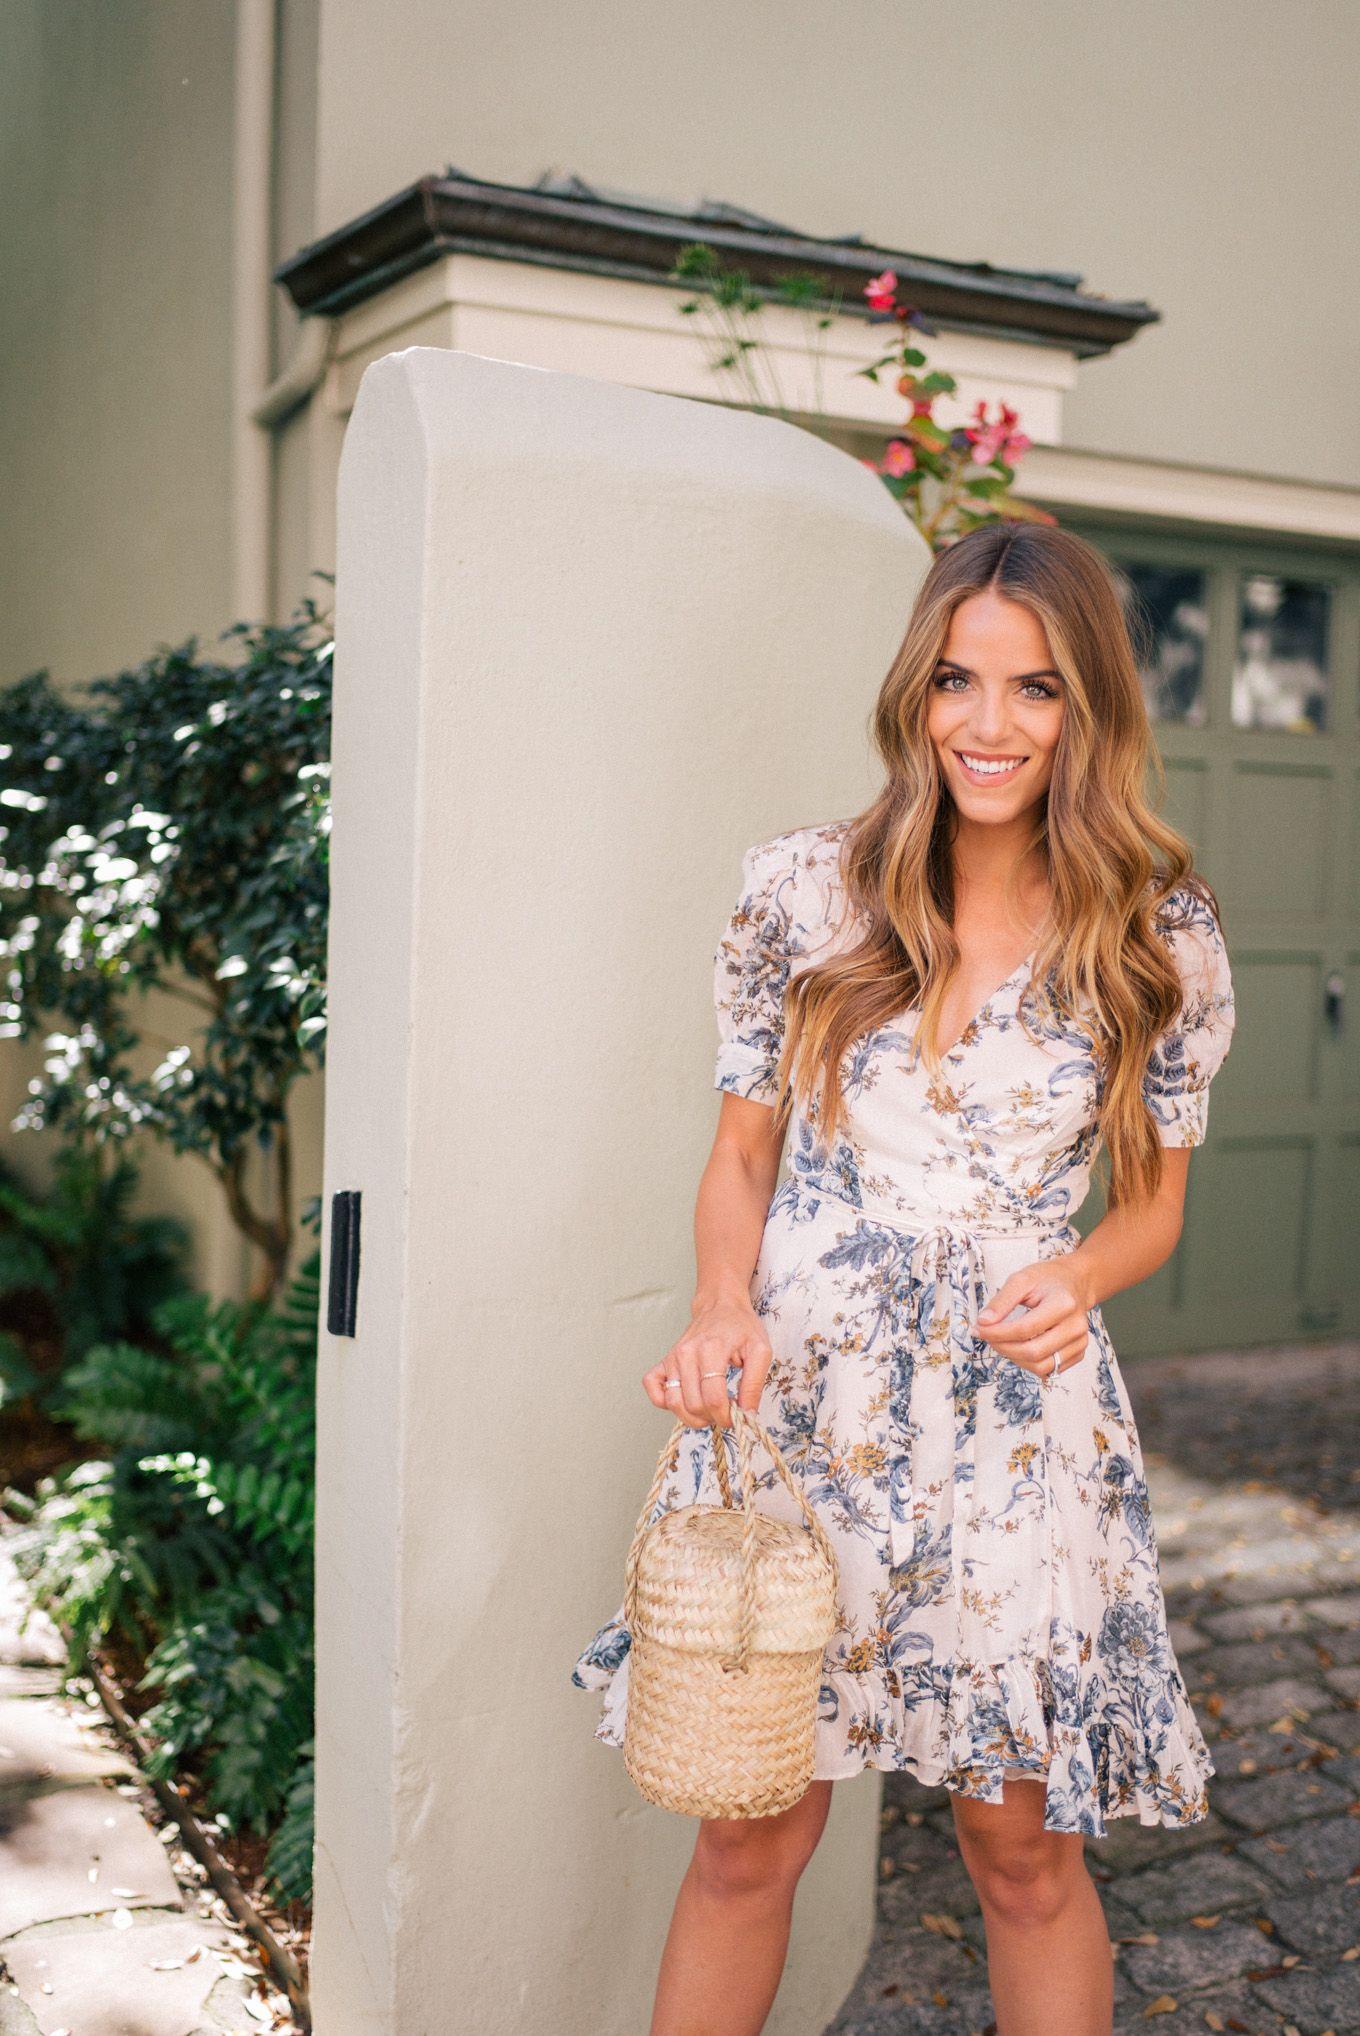 720647e739 Gal Meets Glam Floral Wrap Dress -Ralph Lauren Denim & Supply dress & Doen  bag